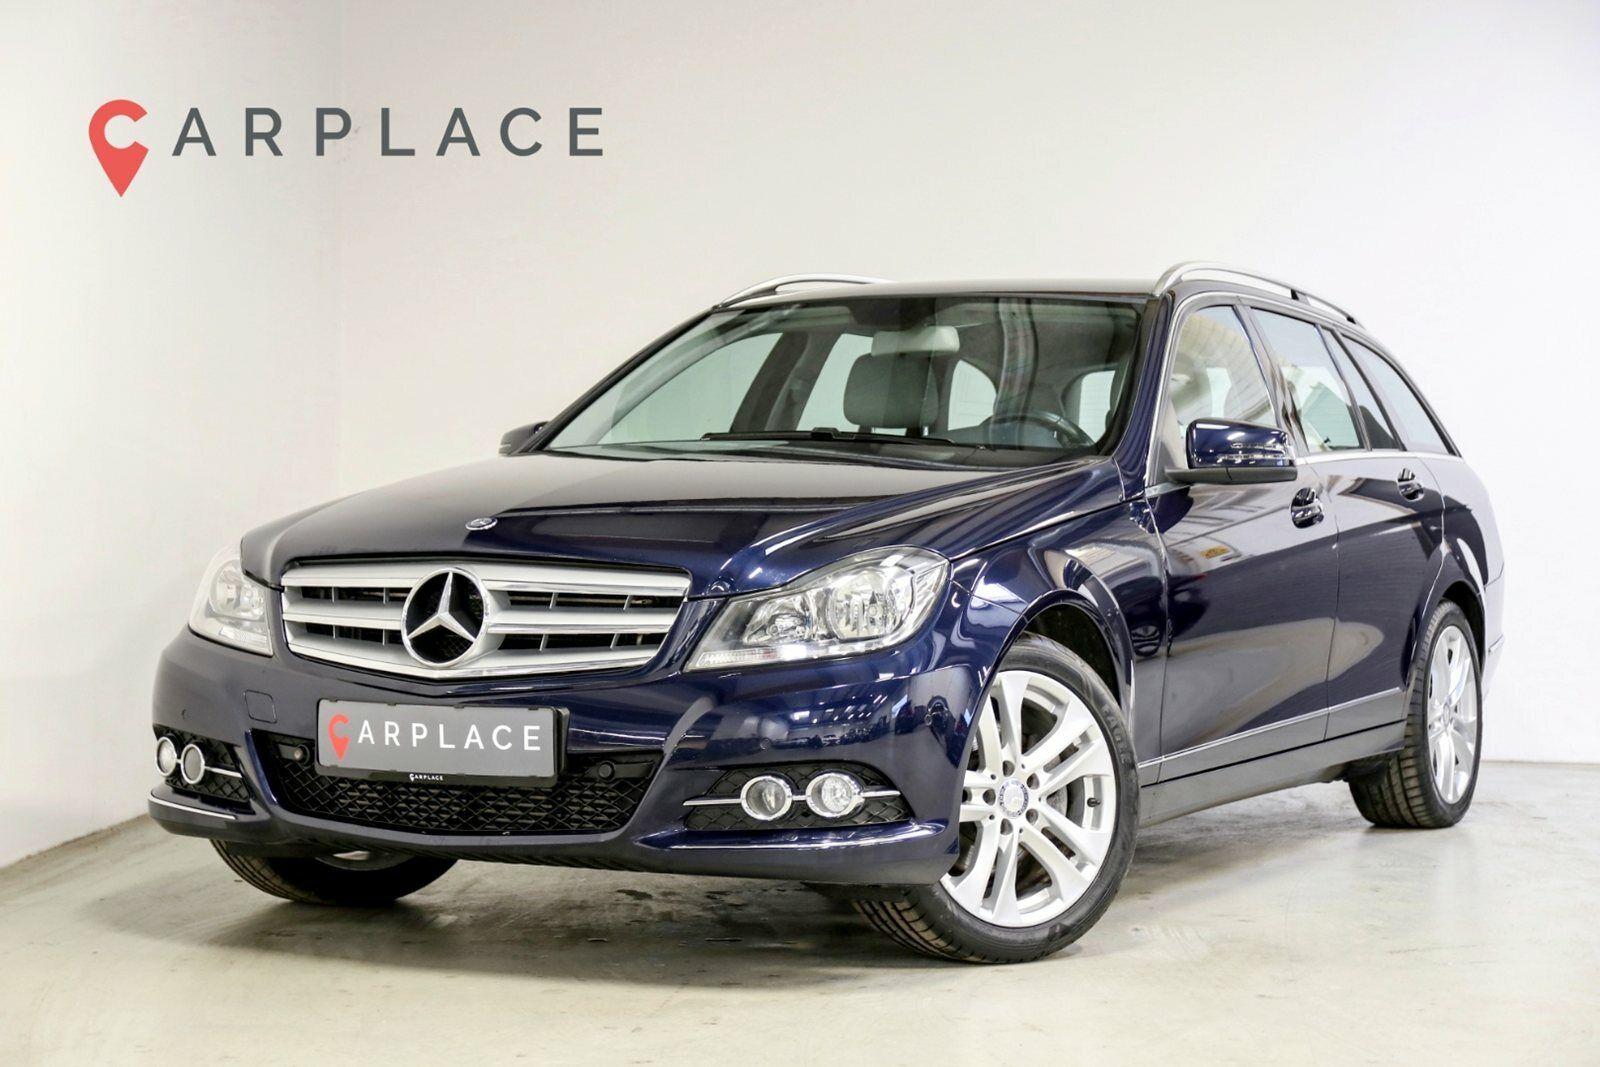 Mercedes C220 2,2 CDi Avantgarde stc. aut. BE 5d - 234.900 kr.